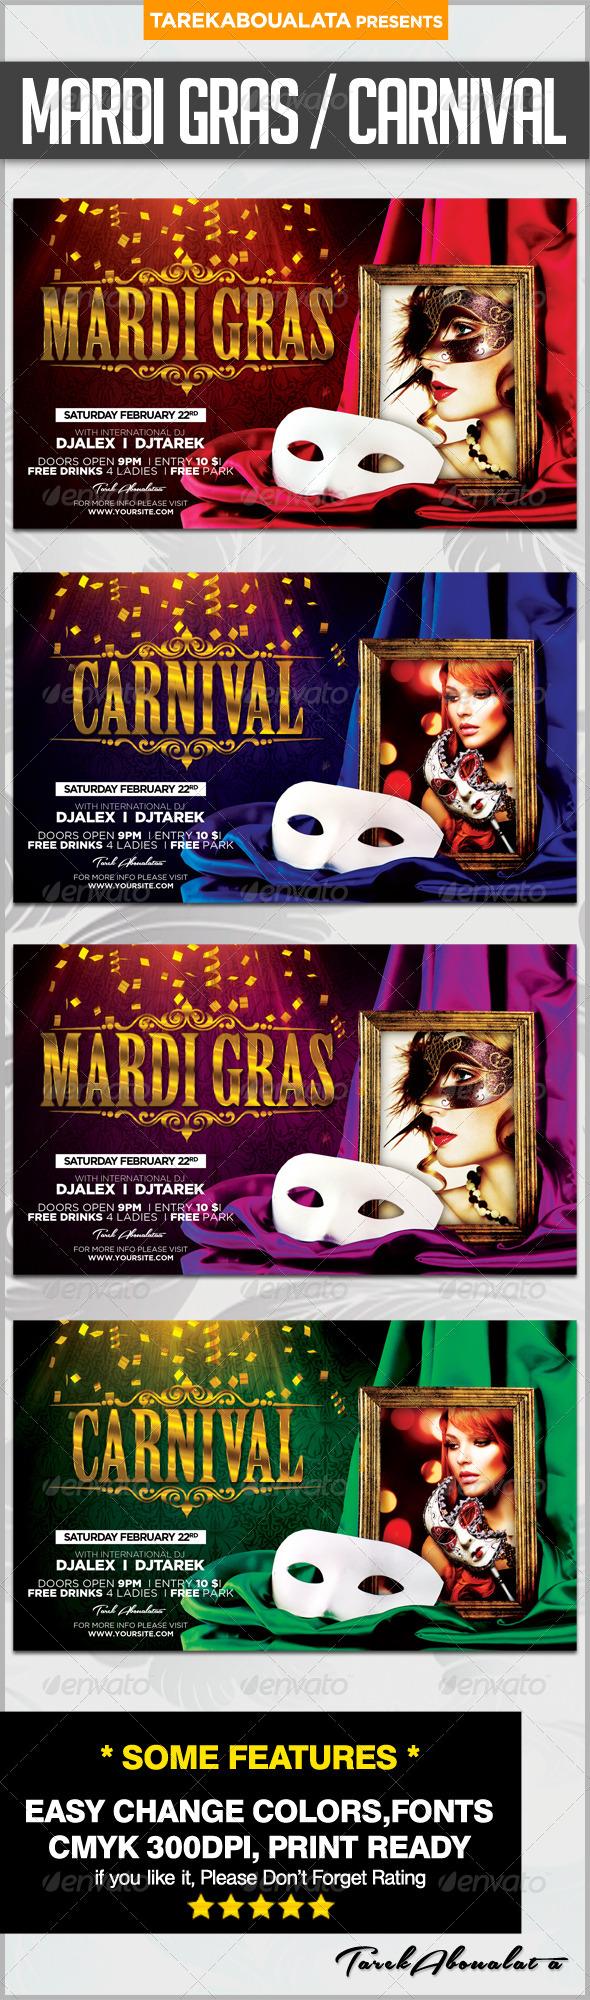 GraphicRiver Mardi Gras Carnival Flyer 6482748